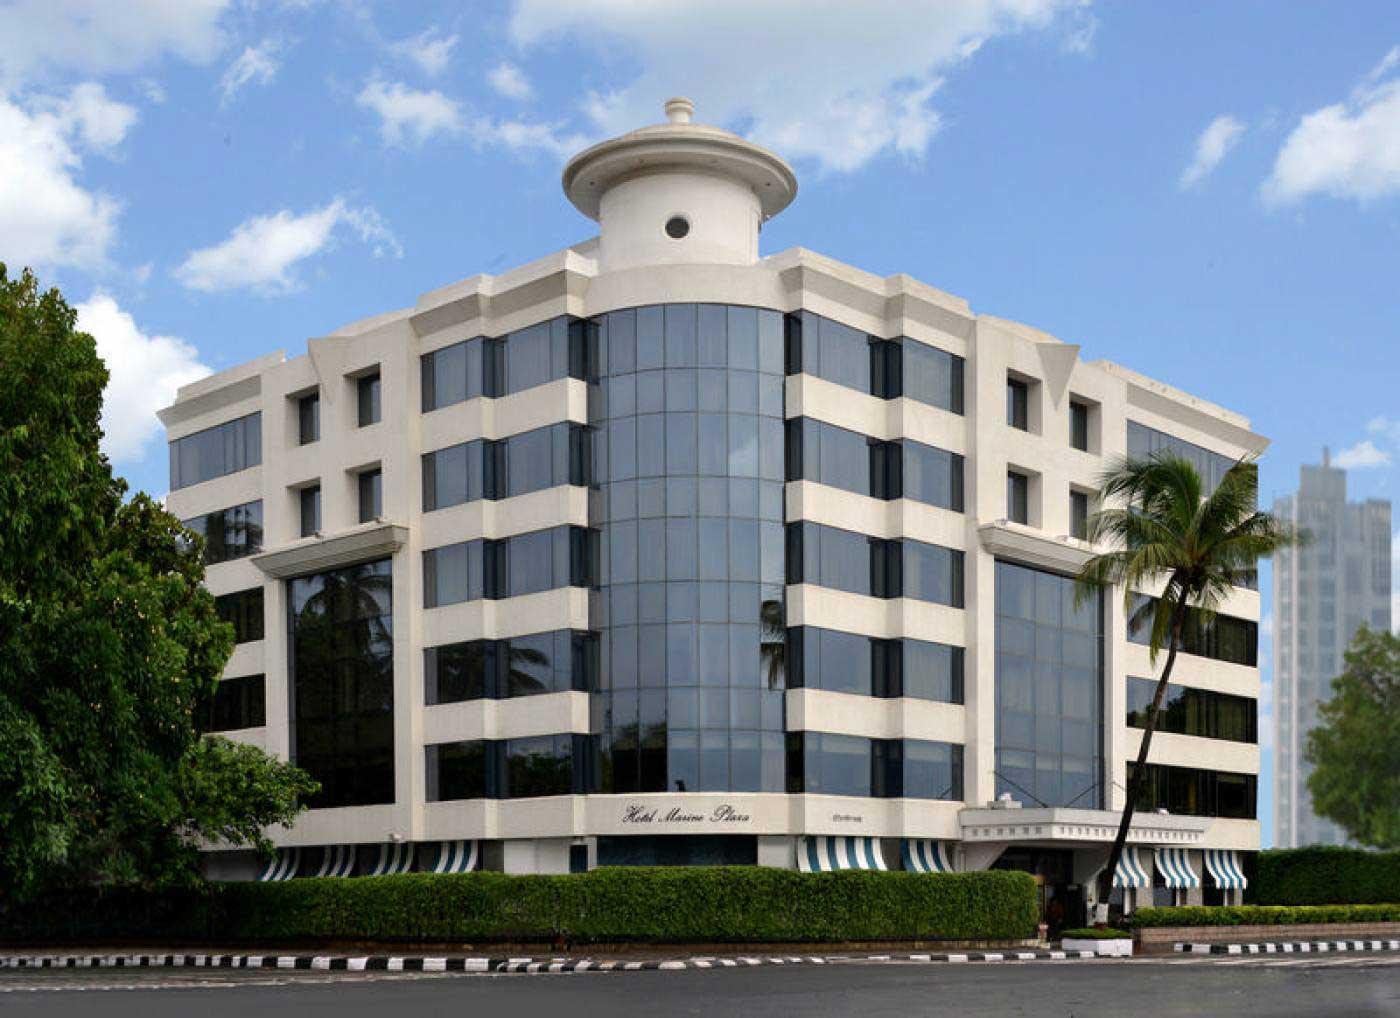 Hotel%20Marine%20Plaza%20Mumbai%20overview.jpg